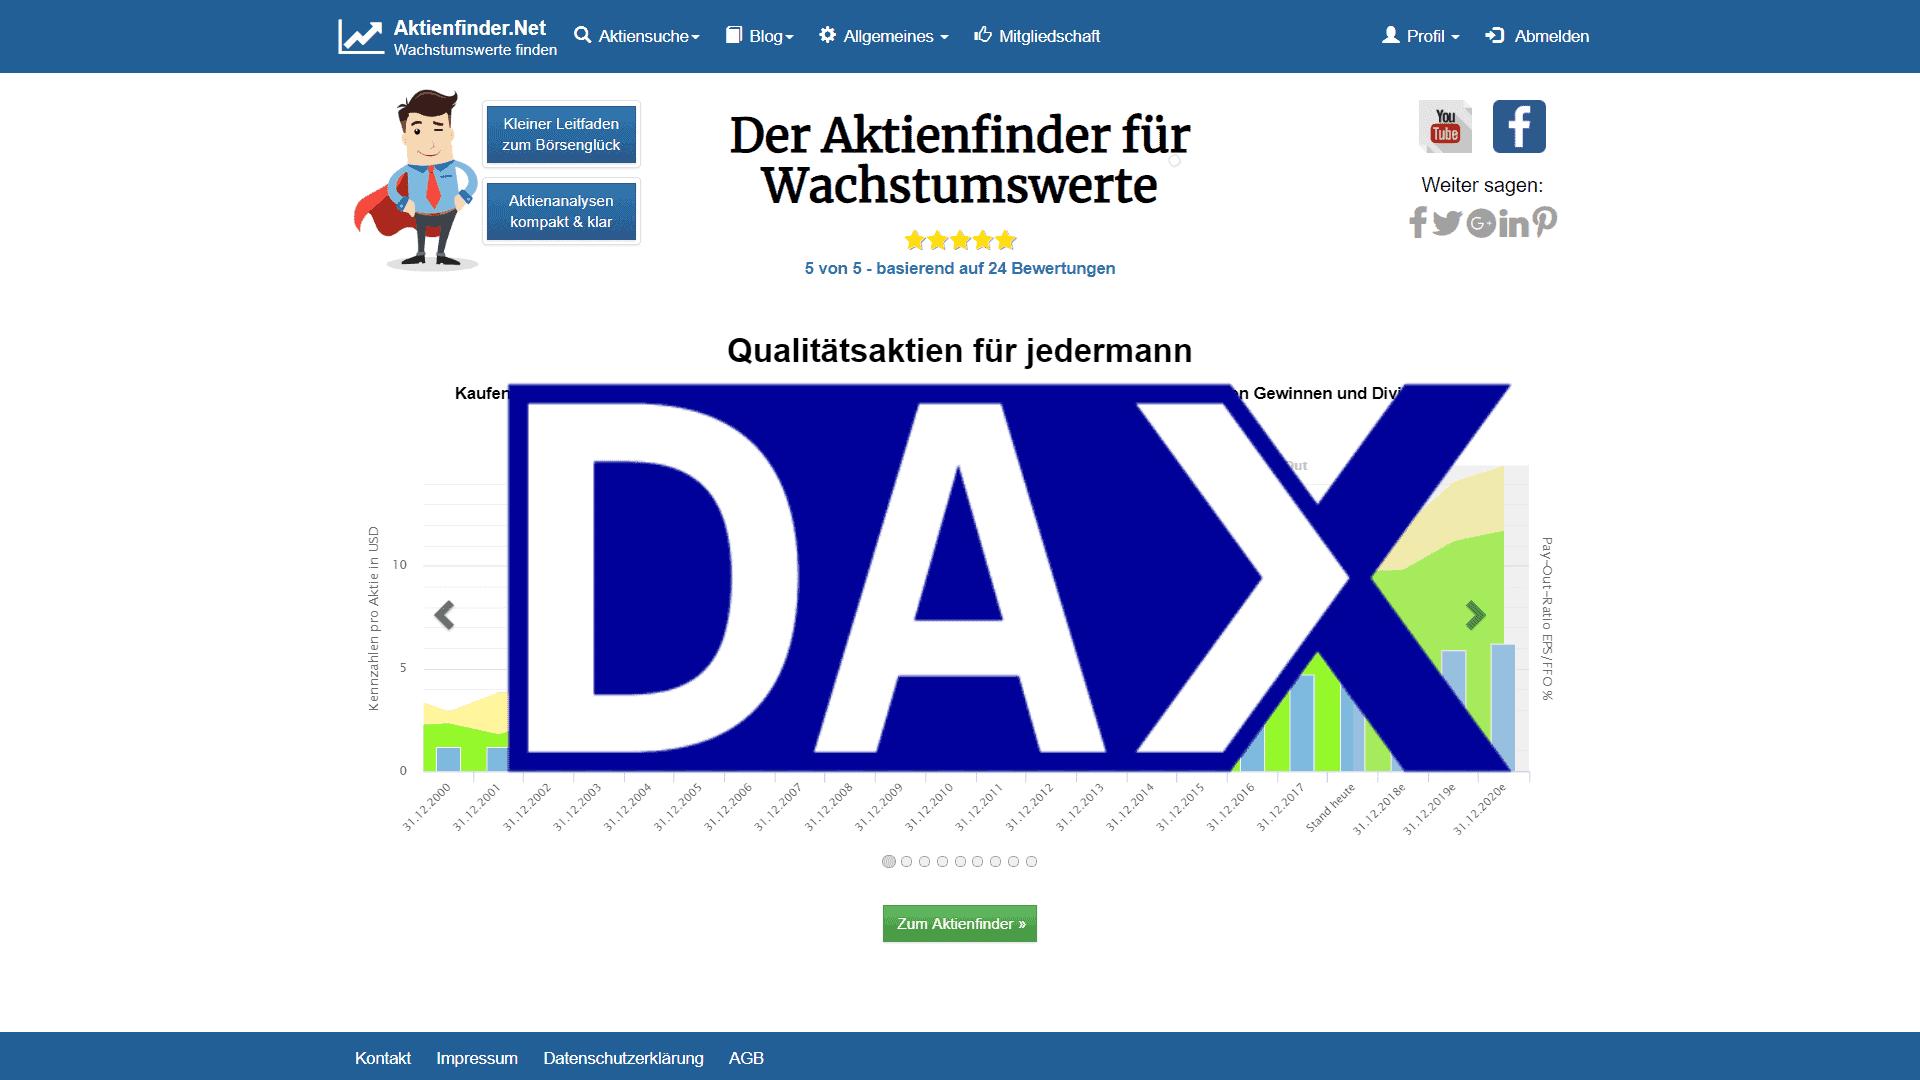 Zum Video: Dax Aktien Check – Was taugen die Dax-Aktien?